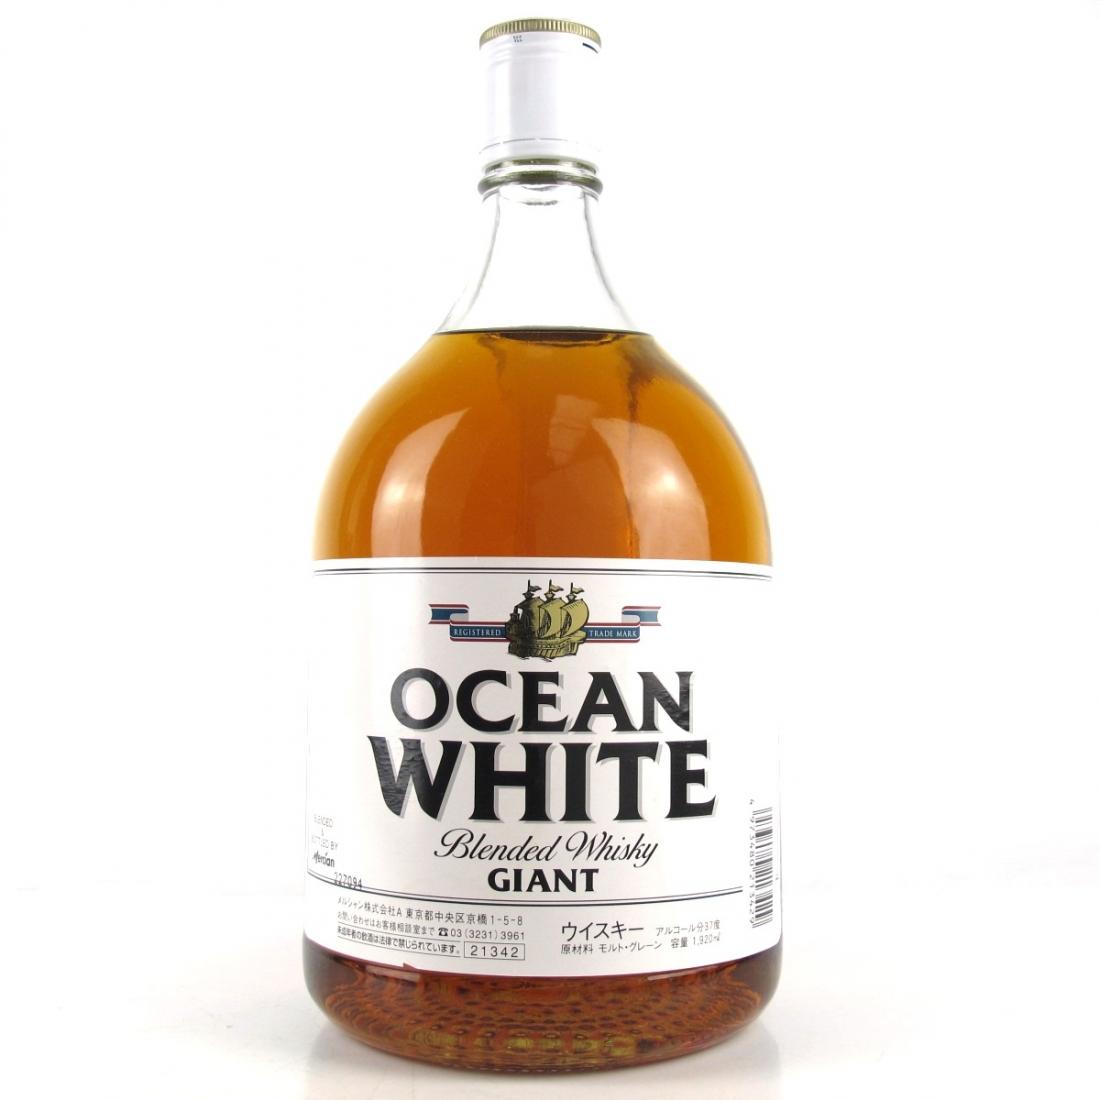 Ocean White Blended Whisky Giant 1.92 Litres / Mercian